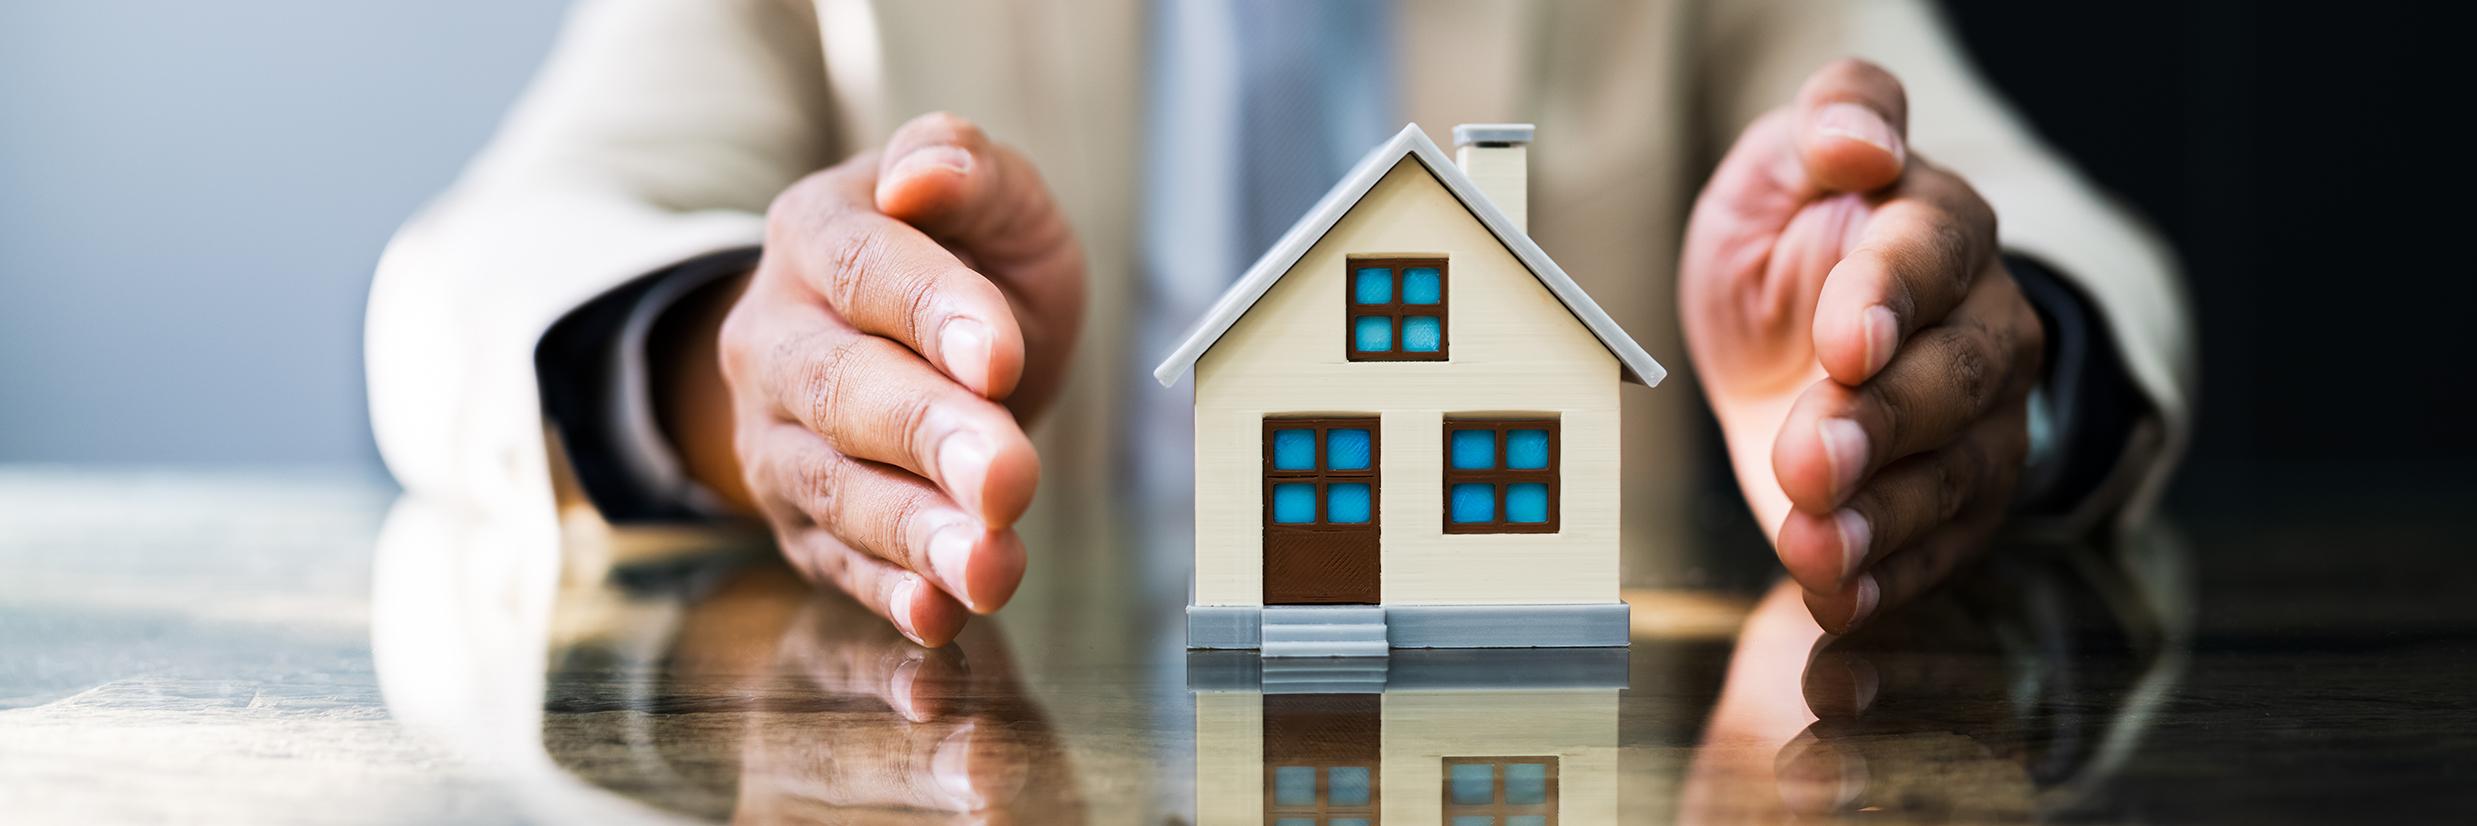 HBREA Fair Housing